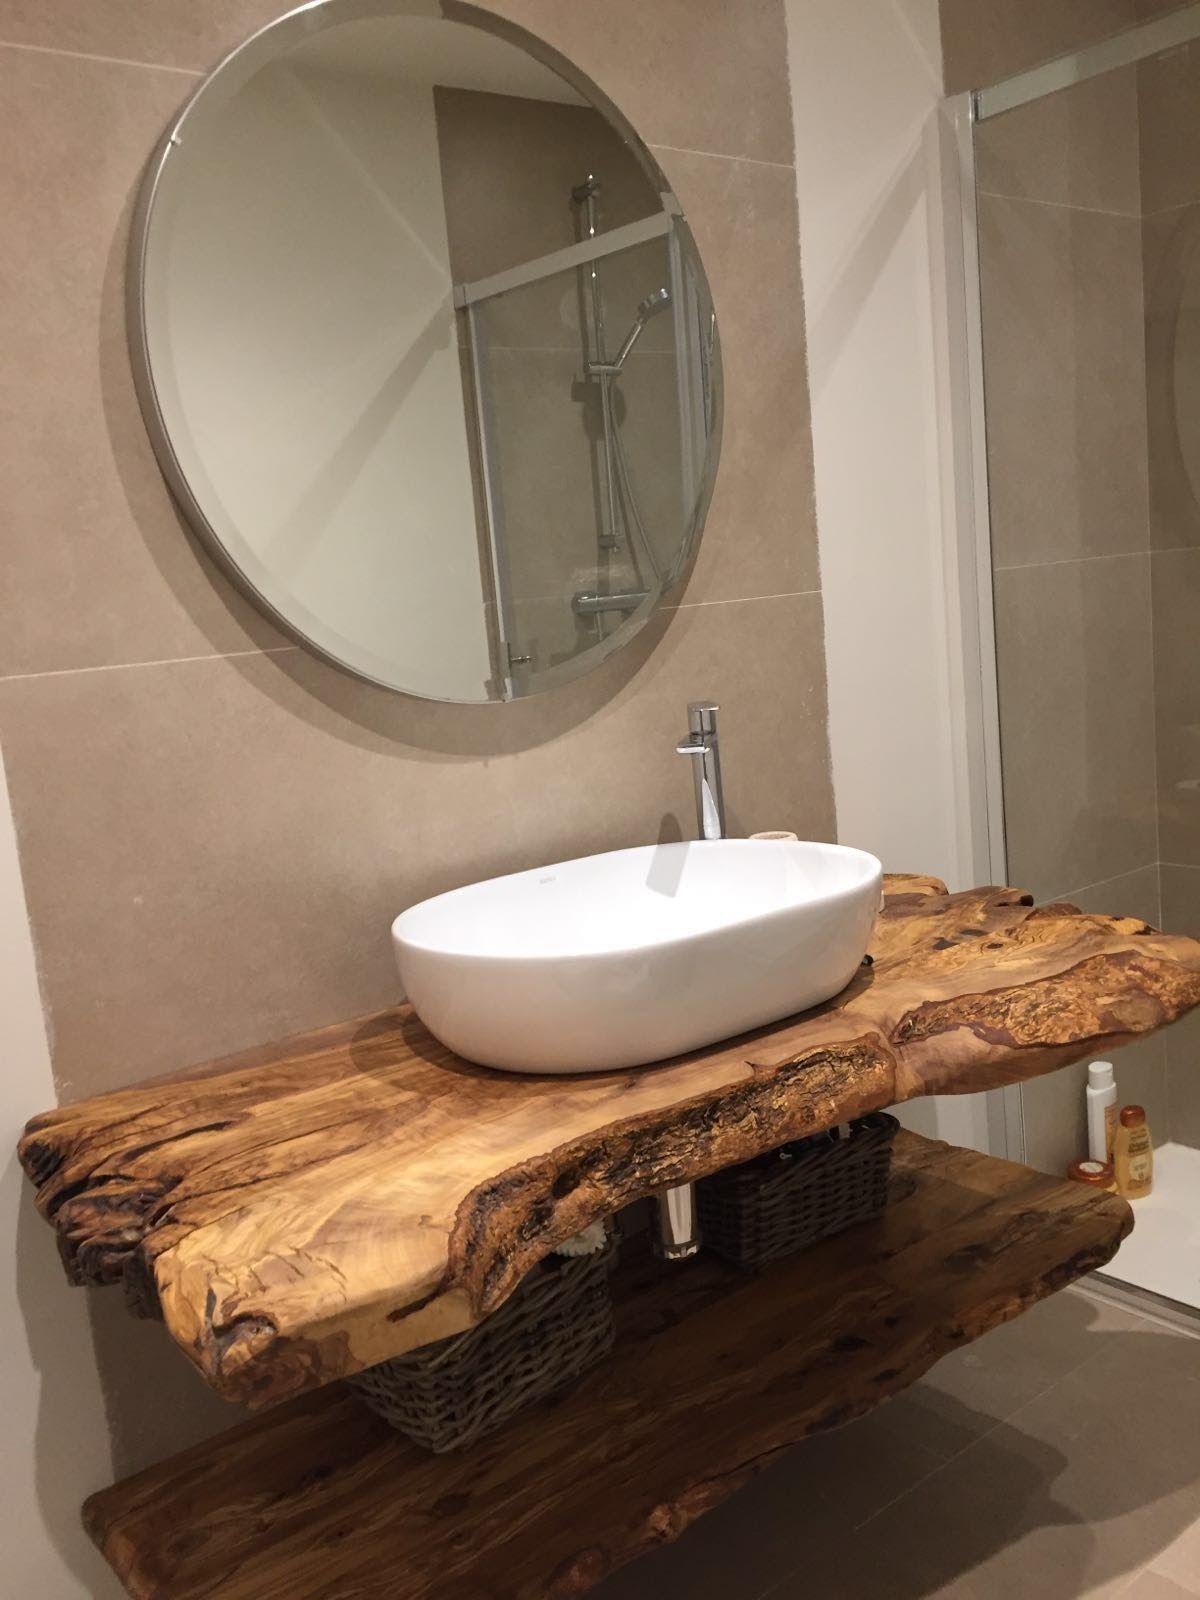 Encimera de ba o de madera de olivo ll madera for Encimeras de bano leroy merlin